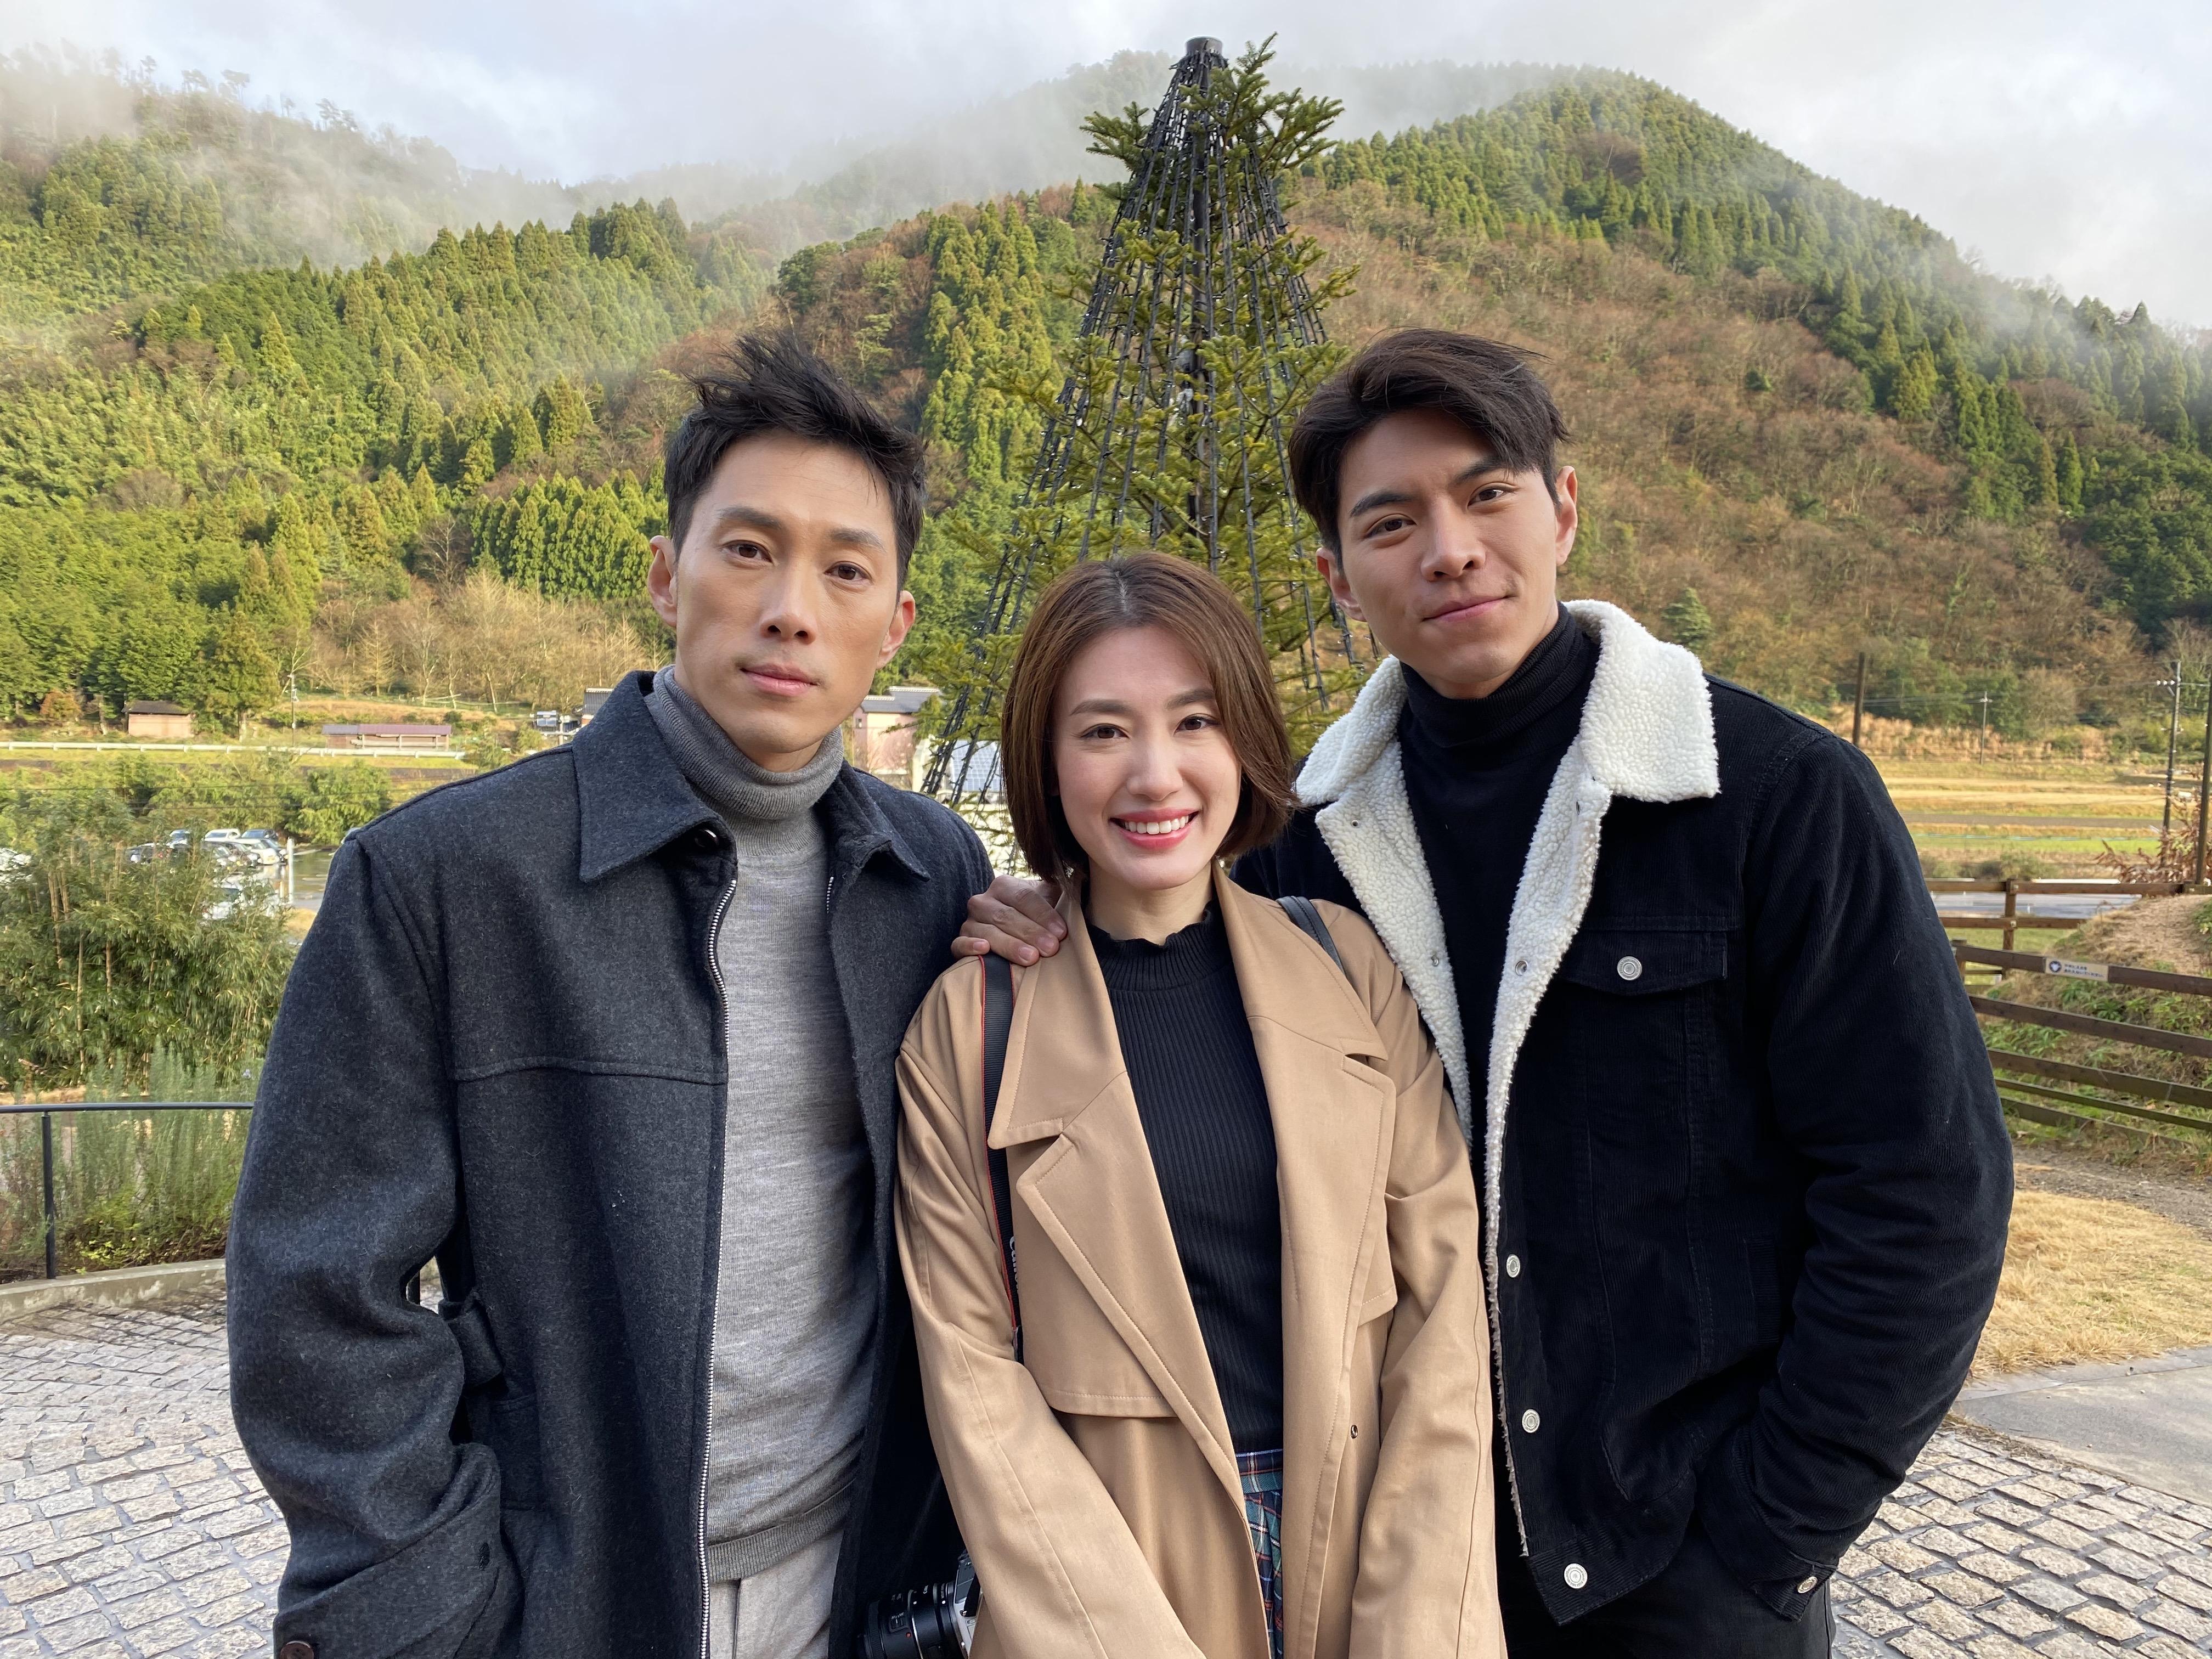 《戀戀季節》由麥秋成自導自演,他與蔣家旻、羅天宇會發展三角戀。